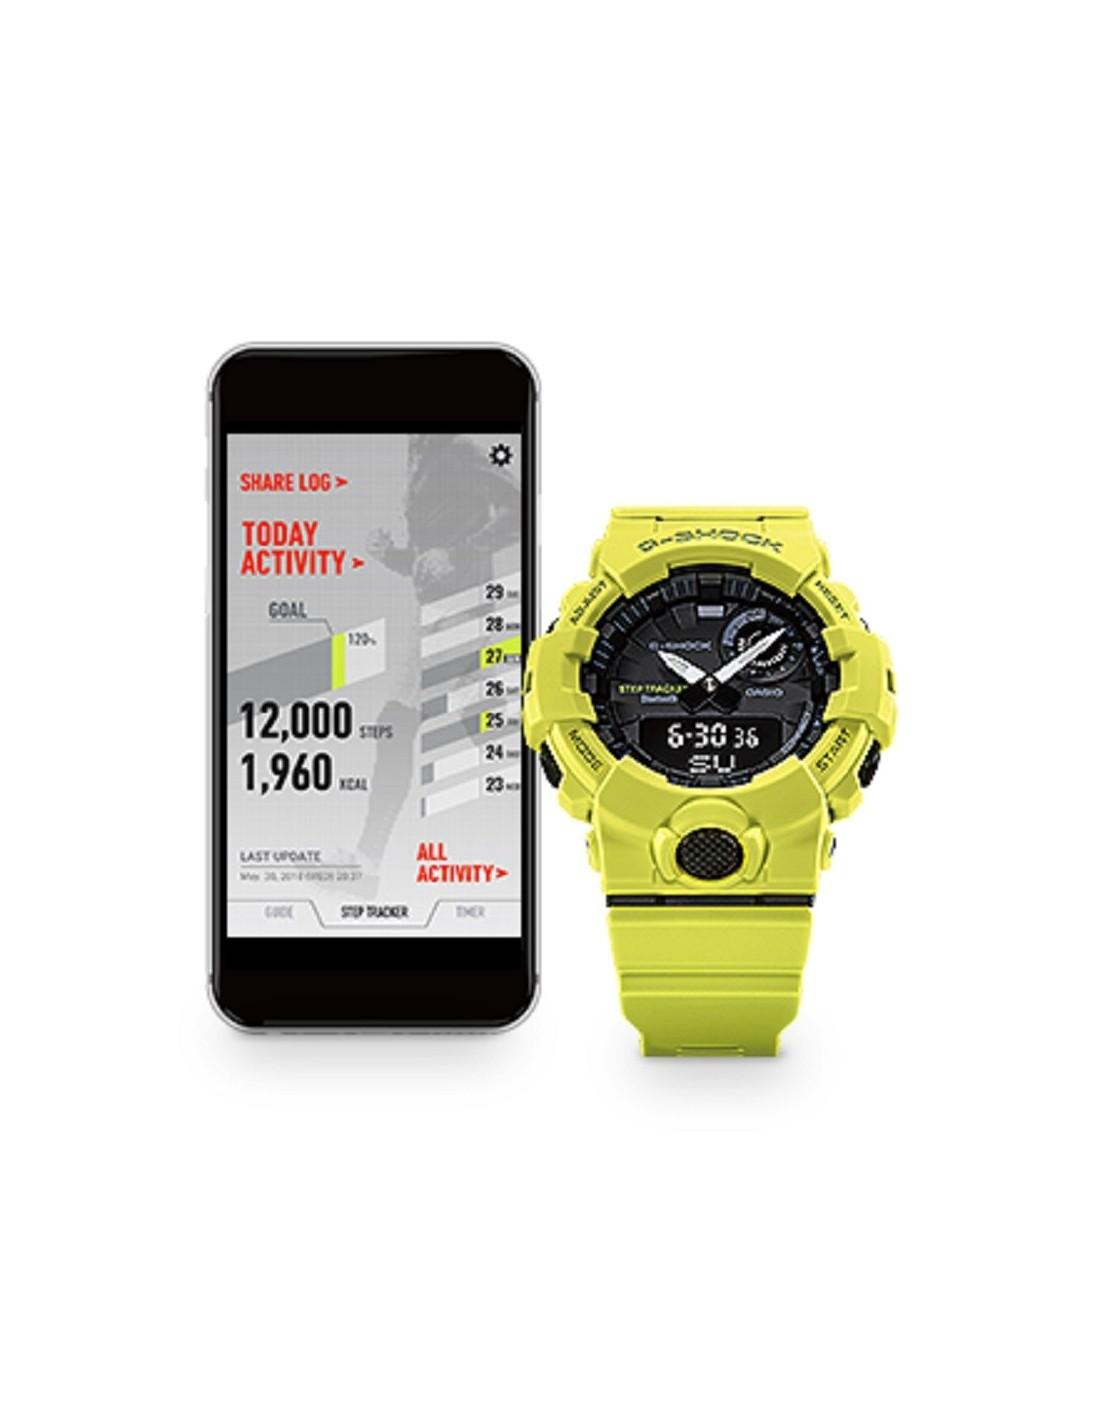 b1ddcee78a81 Casio G-Shock Smart Bluetooth Watch GBA-800-1AER